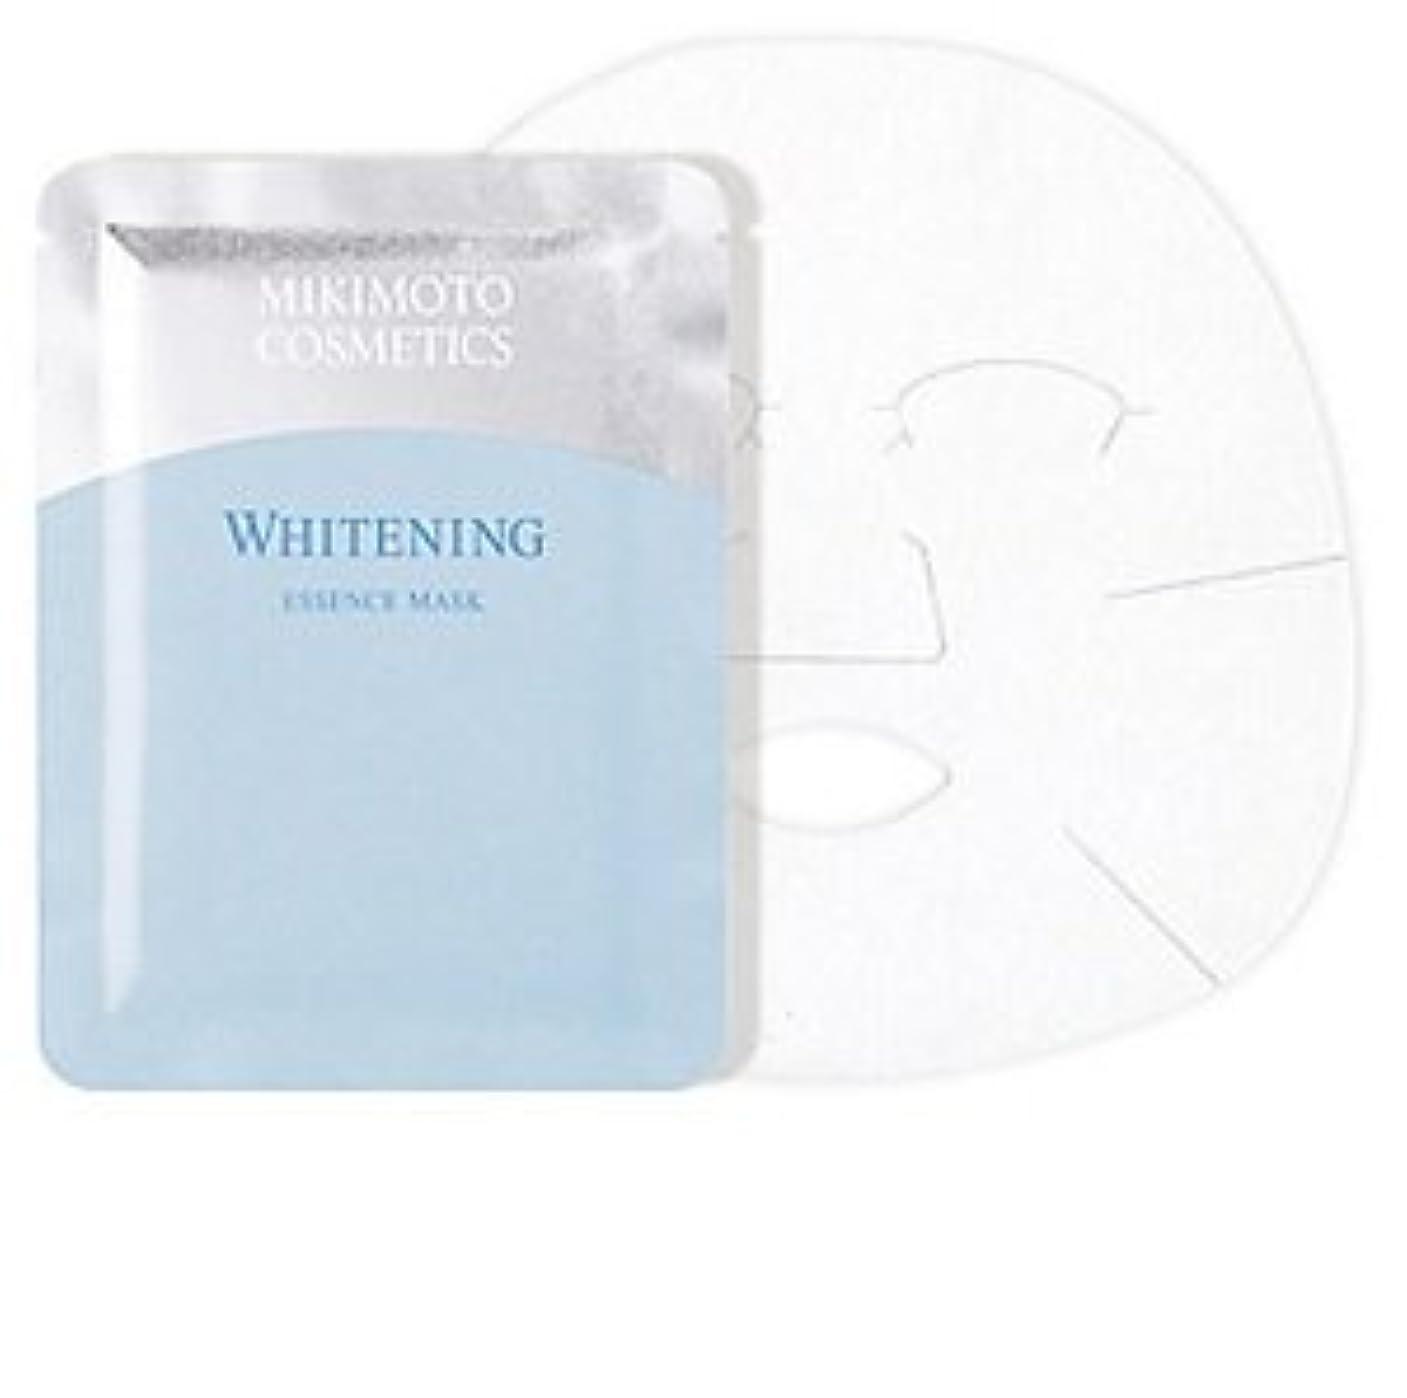 そよ風透ける用心ミキモト ホワイトニング エッセンス マスク 21mlx6枚入 薬用美白状シートマスク